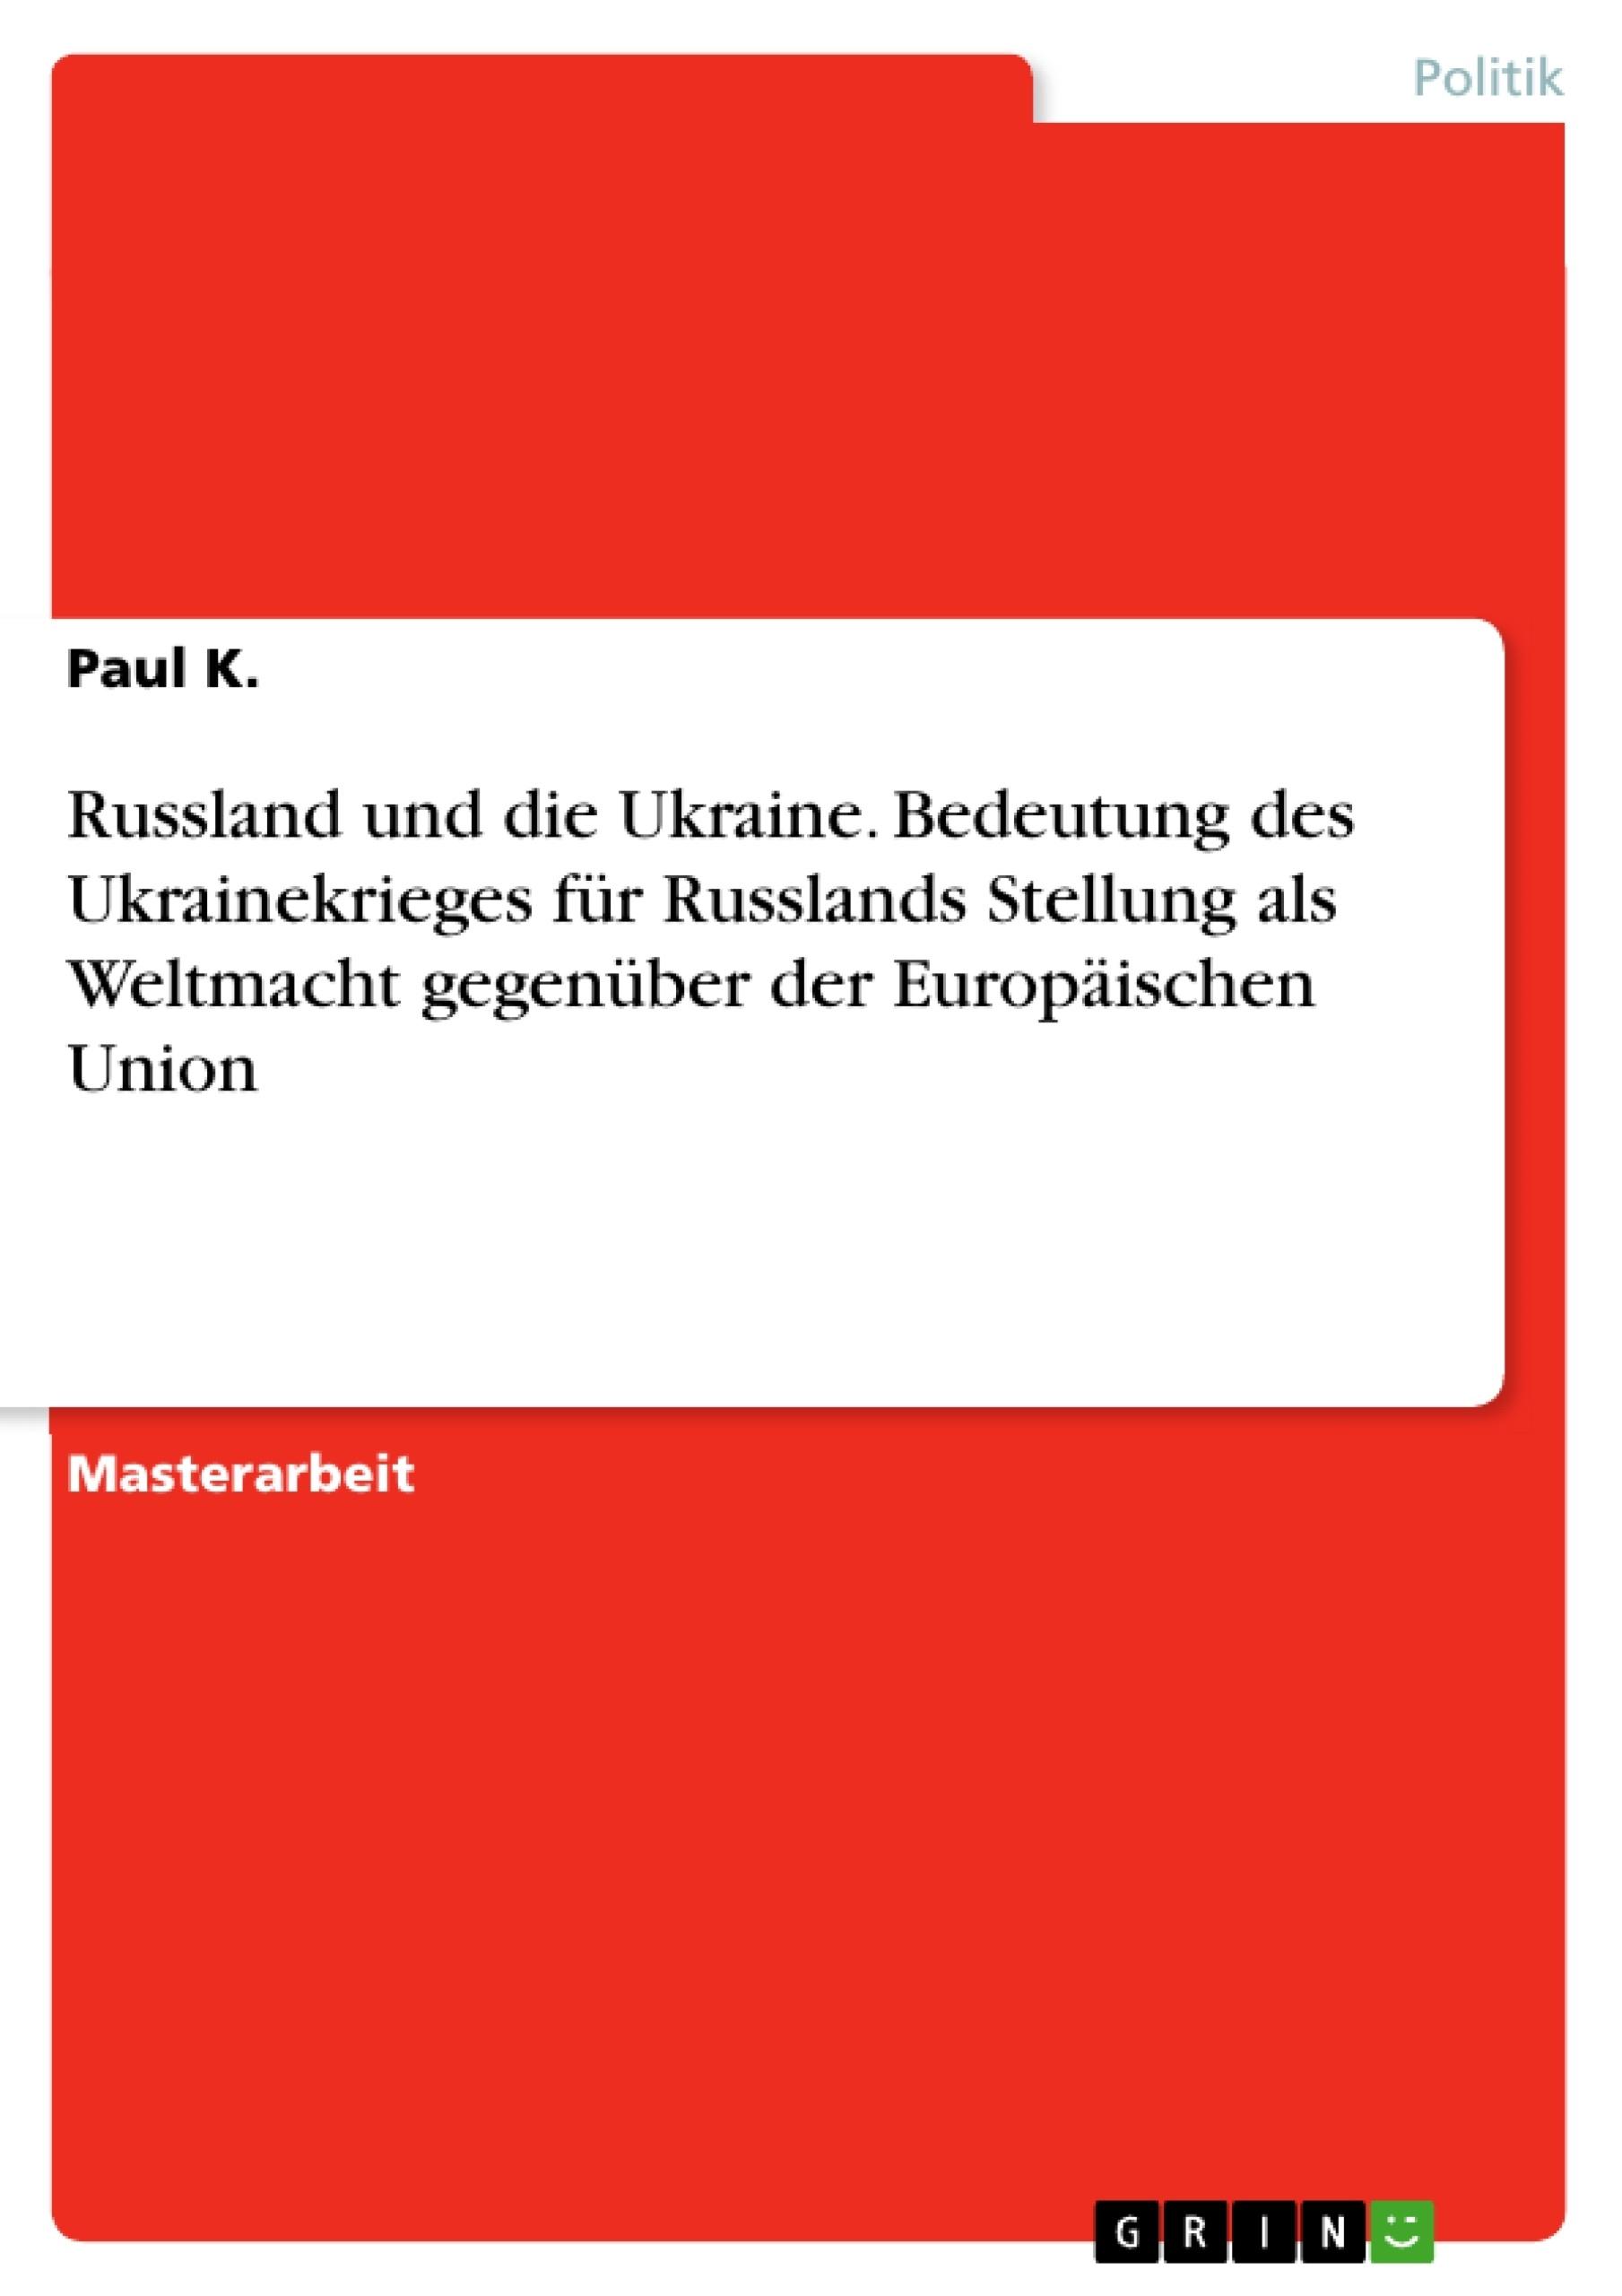 Titel: Russland und die Ukraine. Bedeutung des Ukrainekrieges für Russlands Stellung  als Weltmacht gegenüber der Europäischen Union